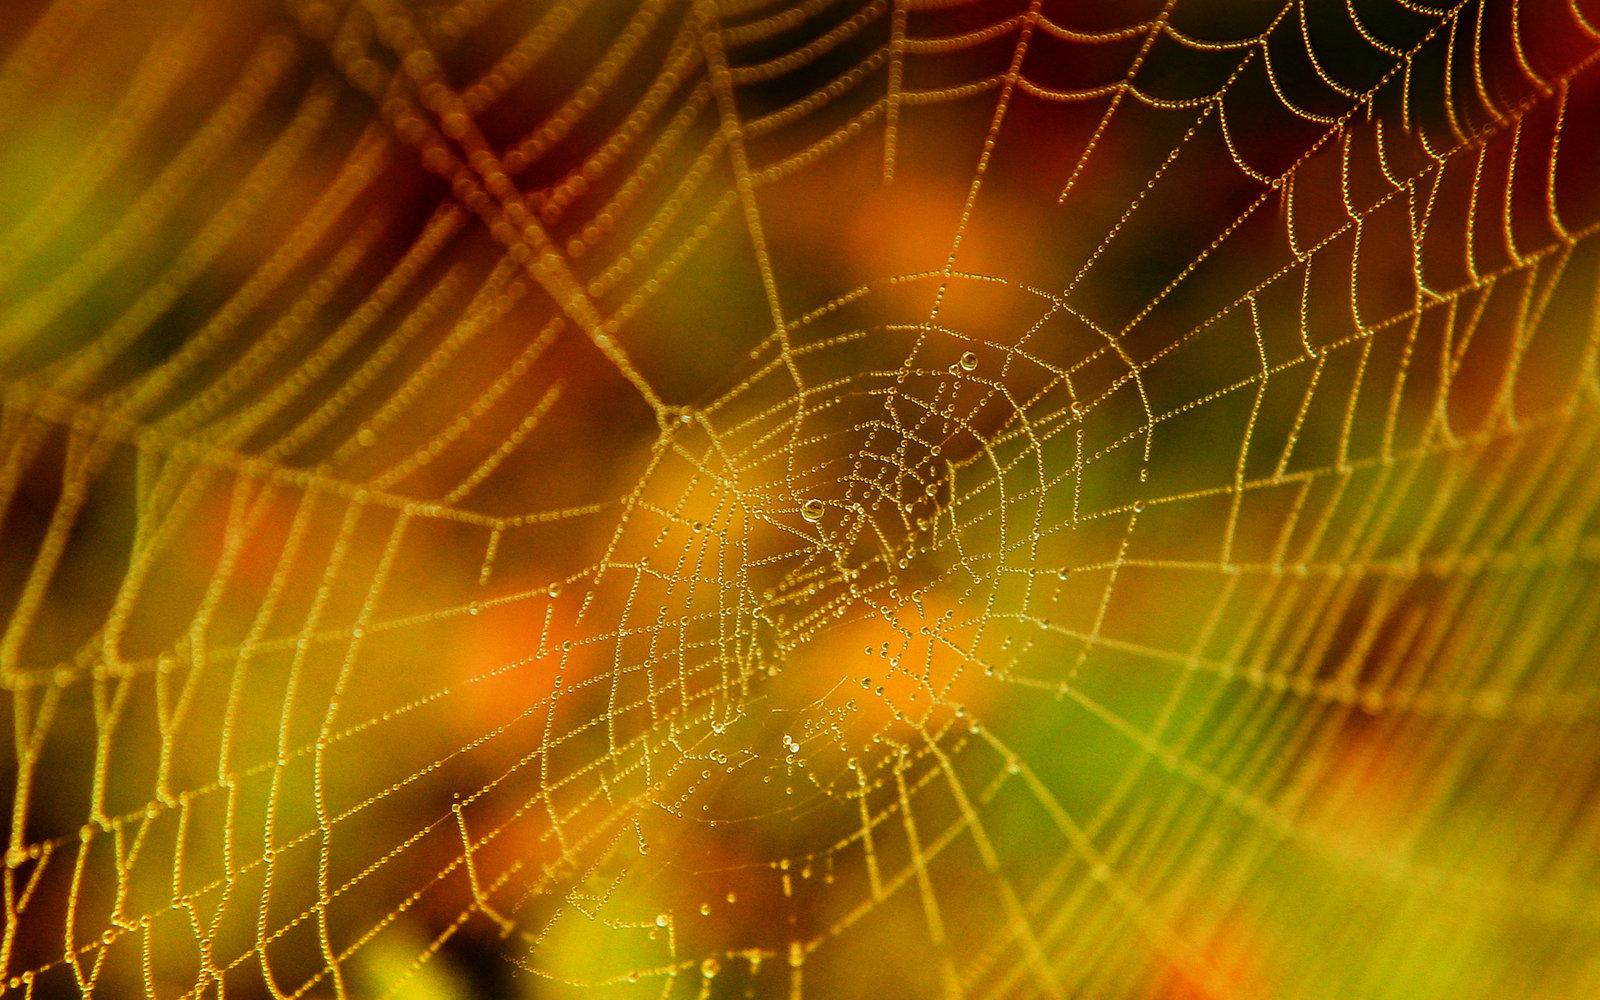 Halloween Spider Web by Casperium 1600x1000